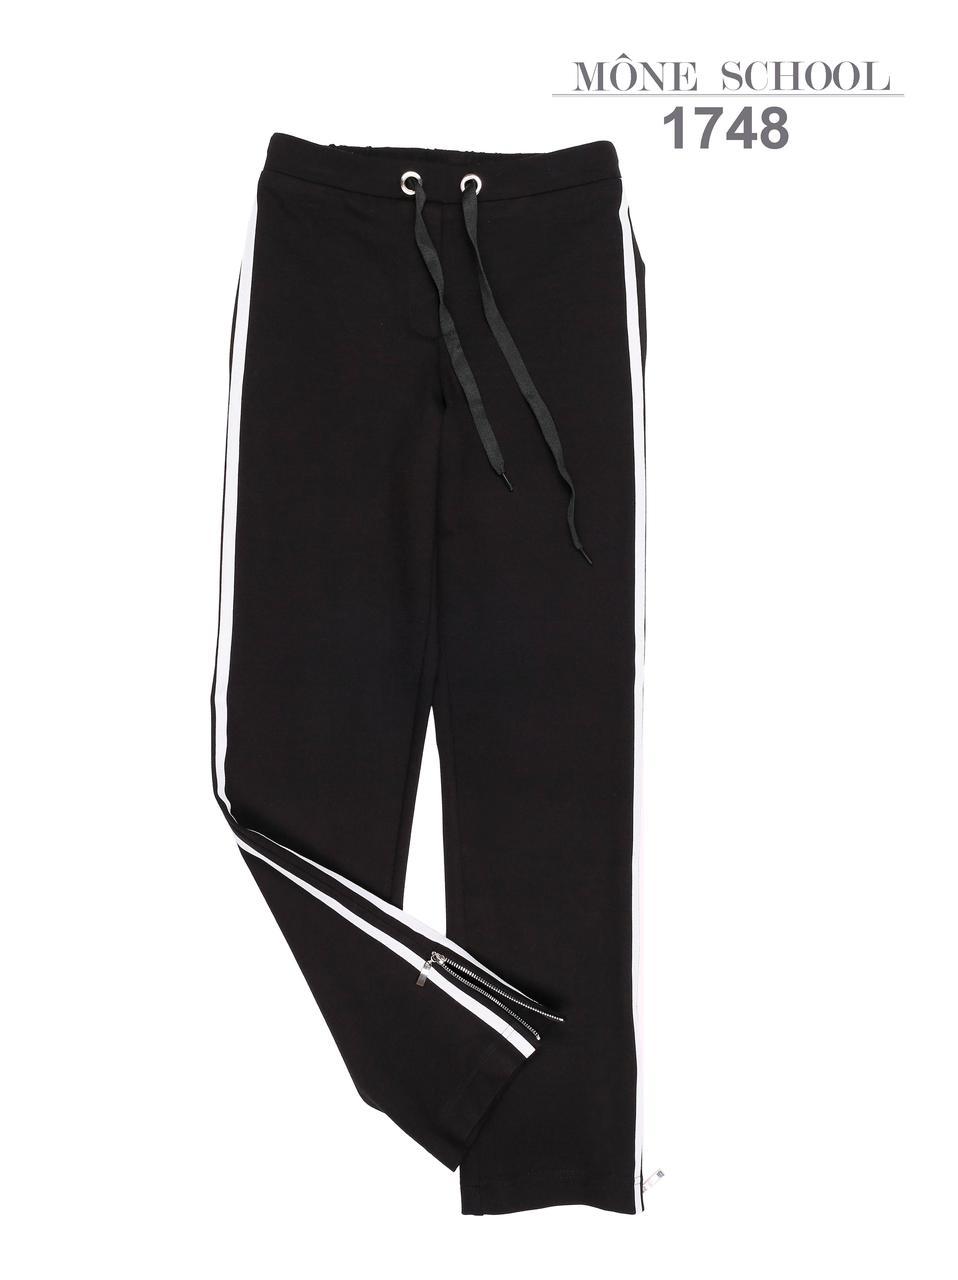 Спортивные школьные брюки (черные) Mone р-ры 122,128,134,140,146,152,158,164